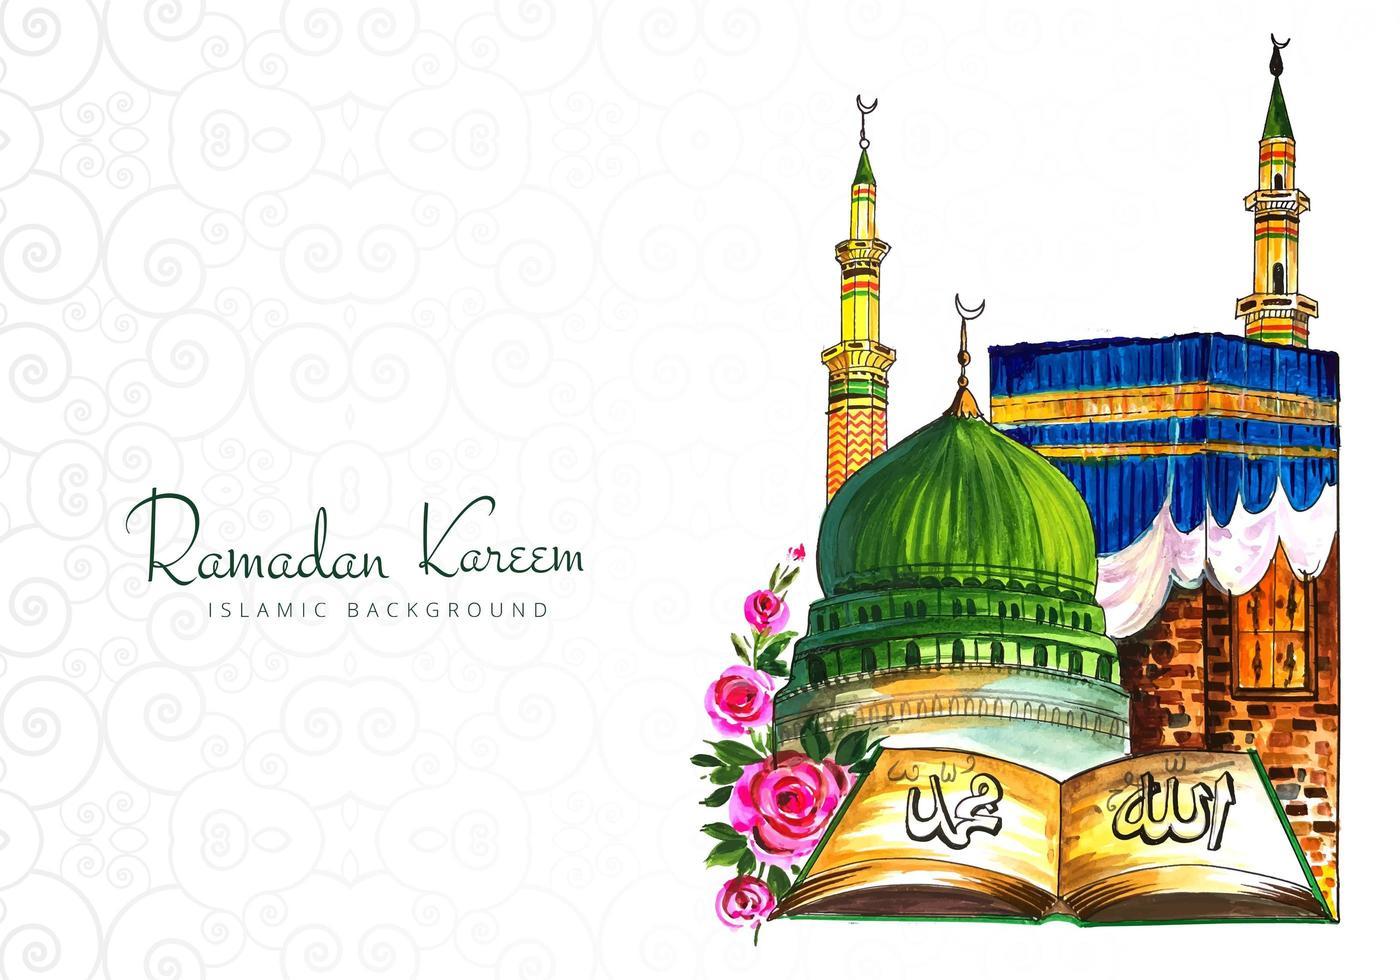 bunte Hand gezeichnete Ramadan Kareem Begrüßung vektor